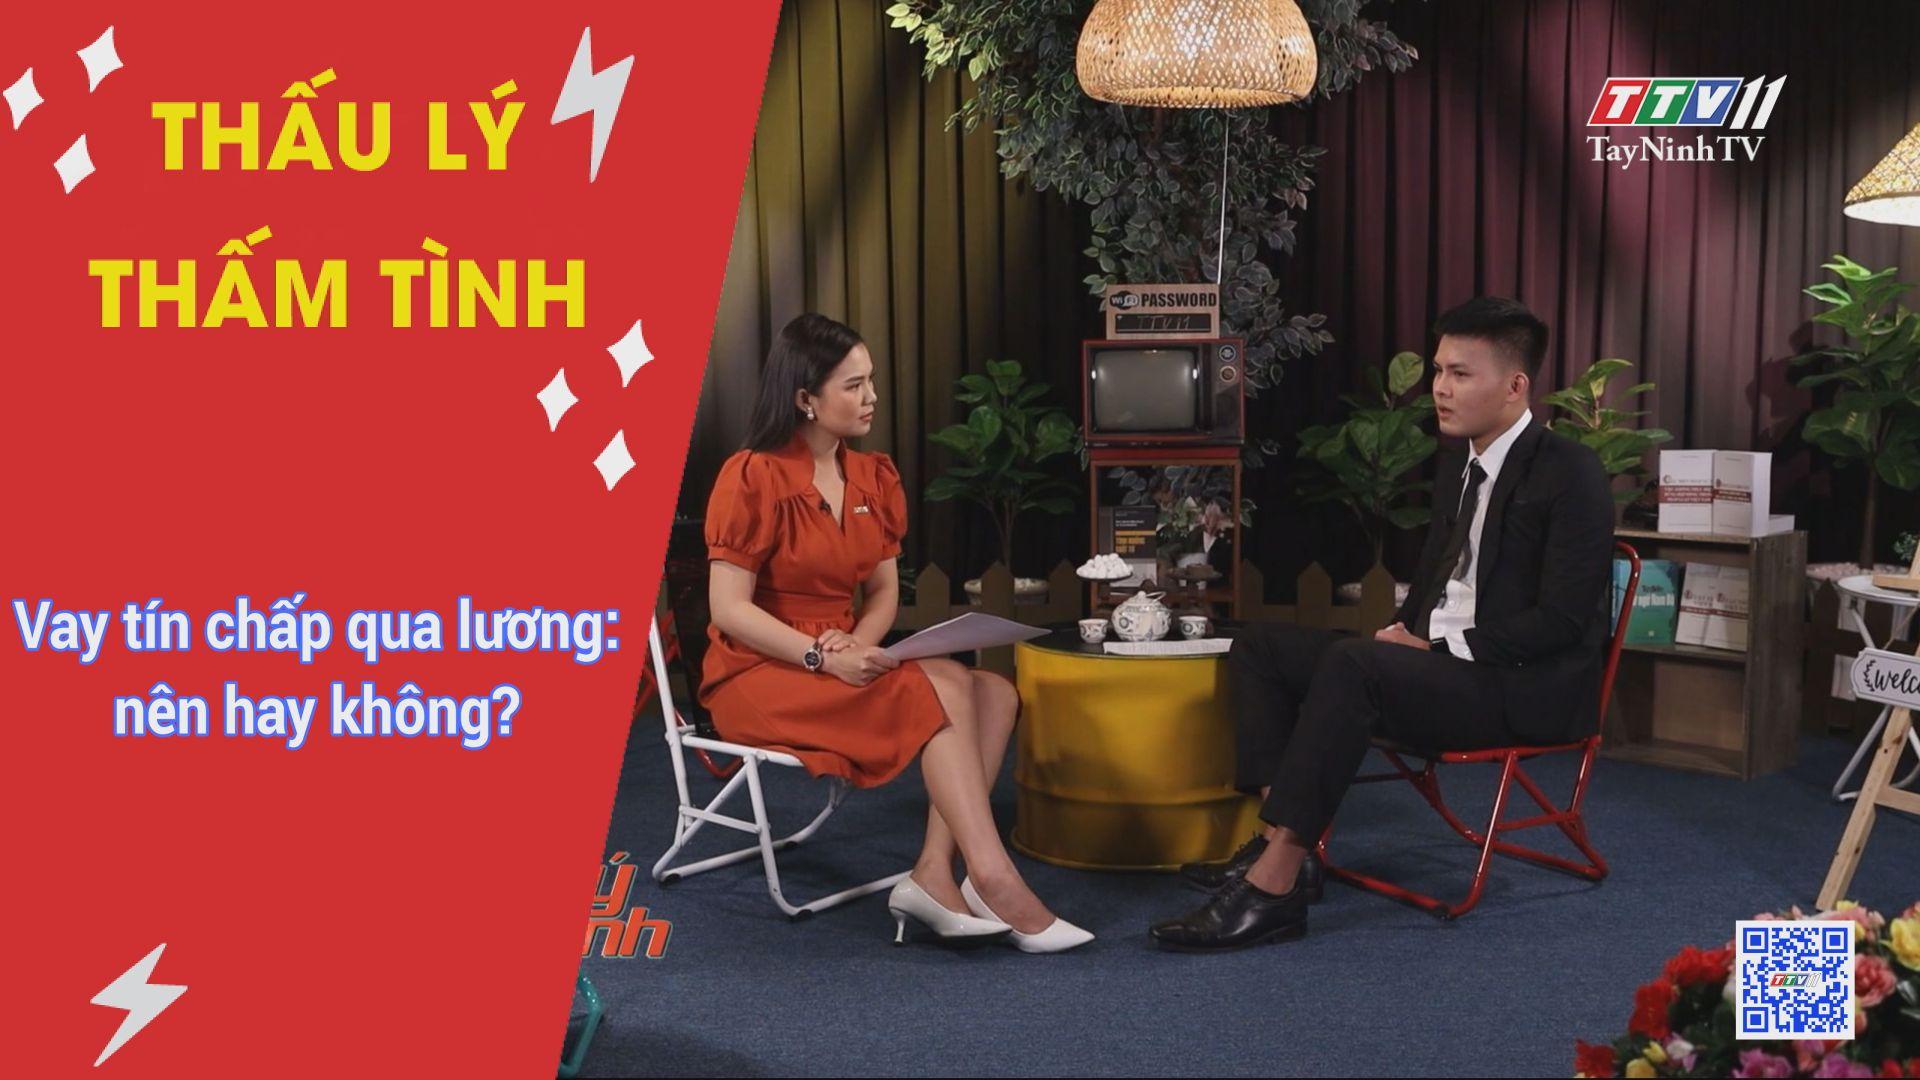 Vay tín chấp qua lương: nên hay không? | THẤU LÝ THẤM TÌNH | TayNinhTVE